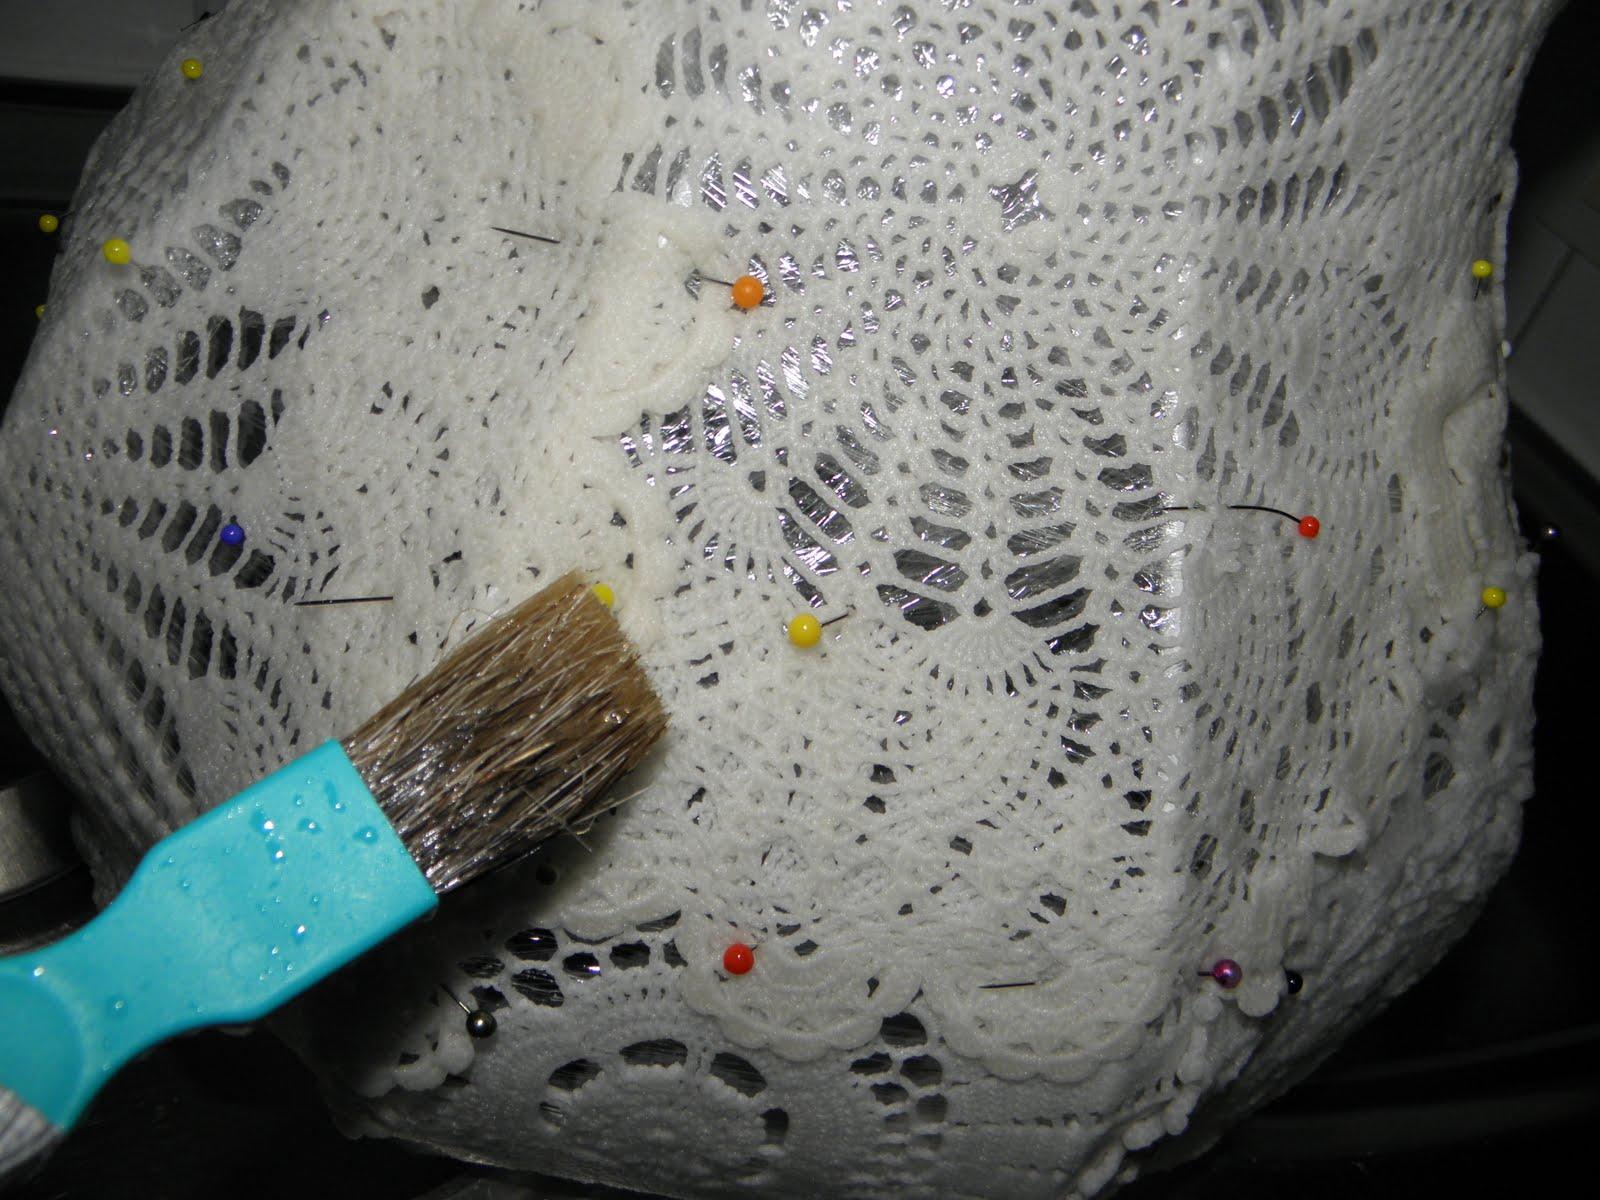 ihan kiva söpö AliExpress Sinipellavainen: Pitsiliinoista lampunvarjostin